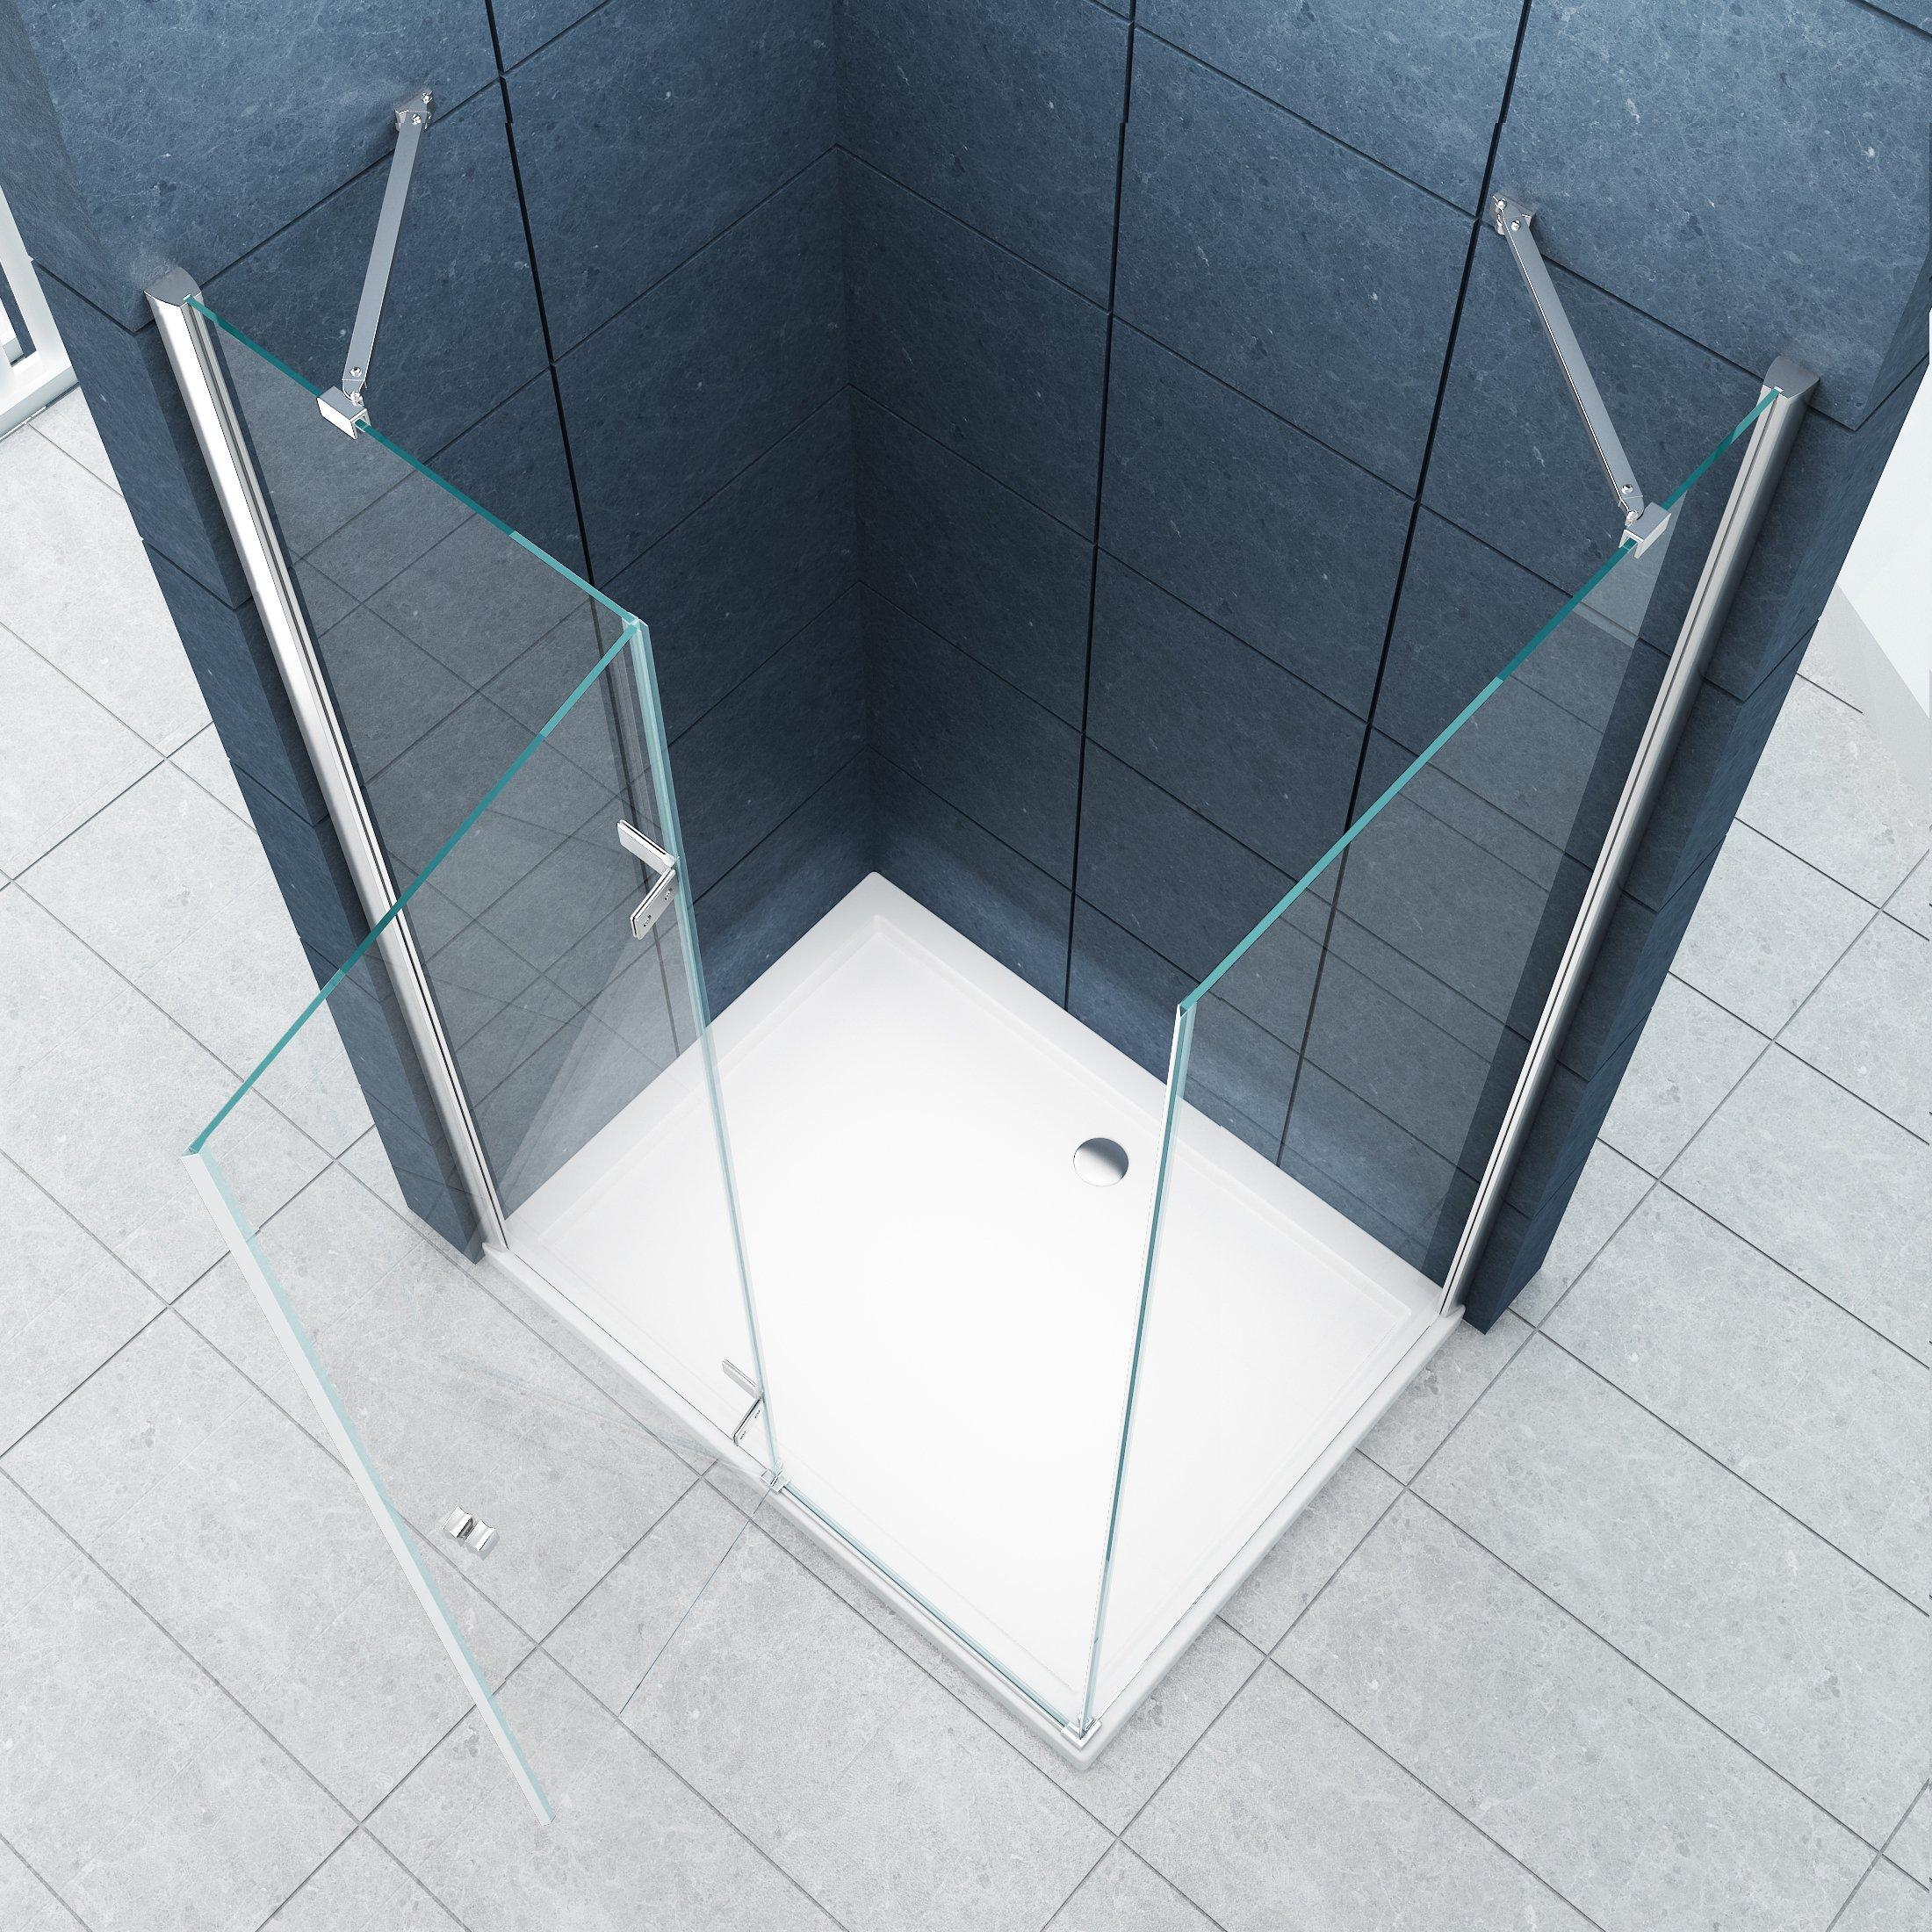 La entrada en curva Cabina de ducha Ducha Stuttgart 120 x 90 x 195 cm / 8 mm / sin un plato de ducha: Amazon.es: Bricolaje y herramientas